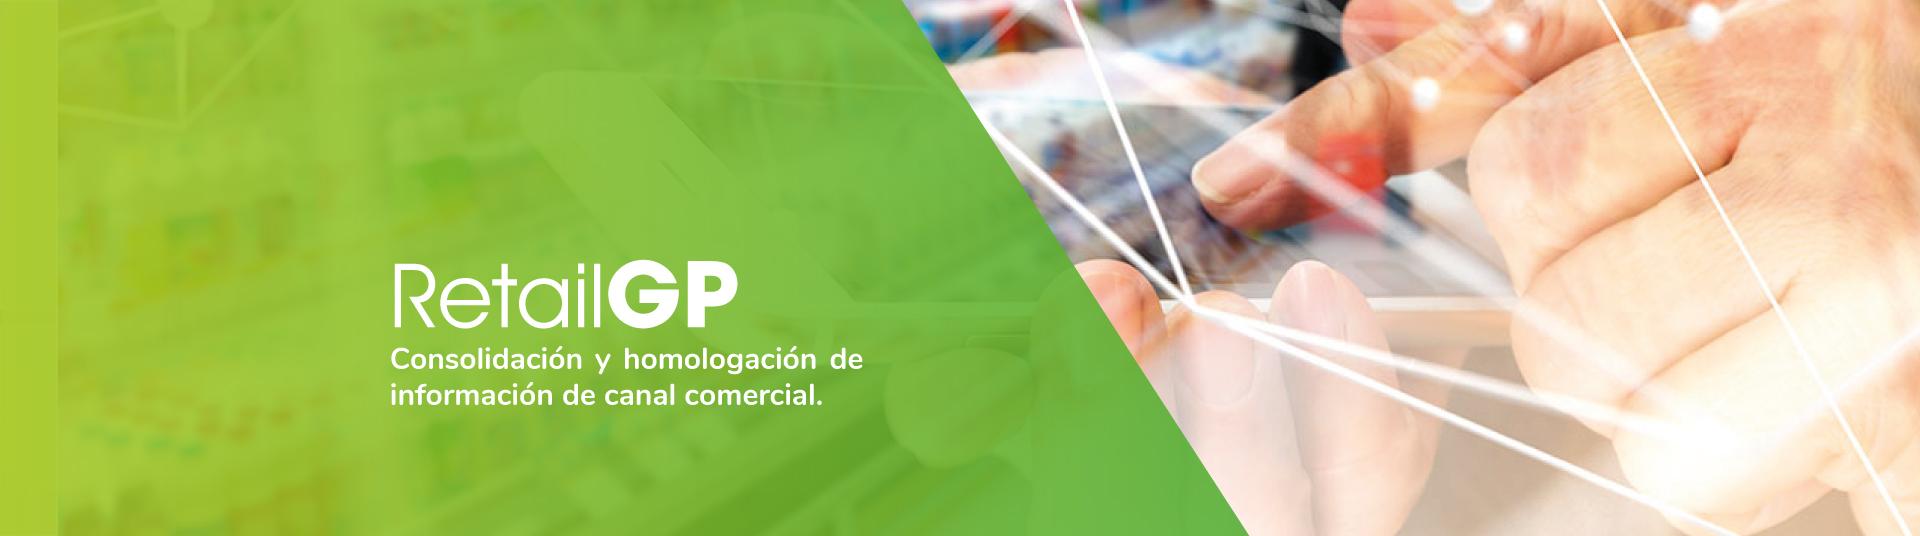 Consolidación y homologación de información de canal comercial.